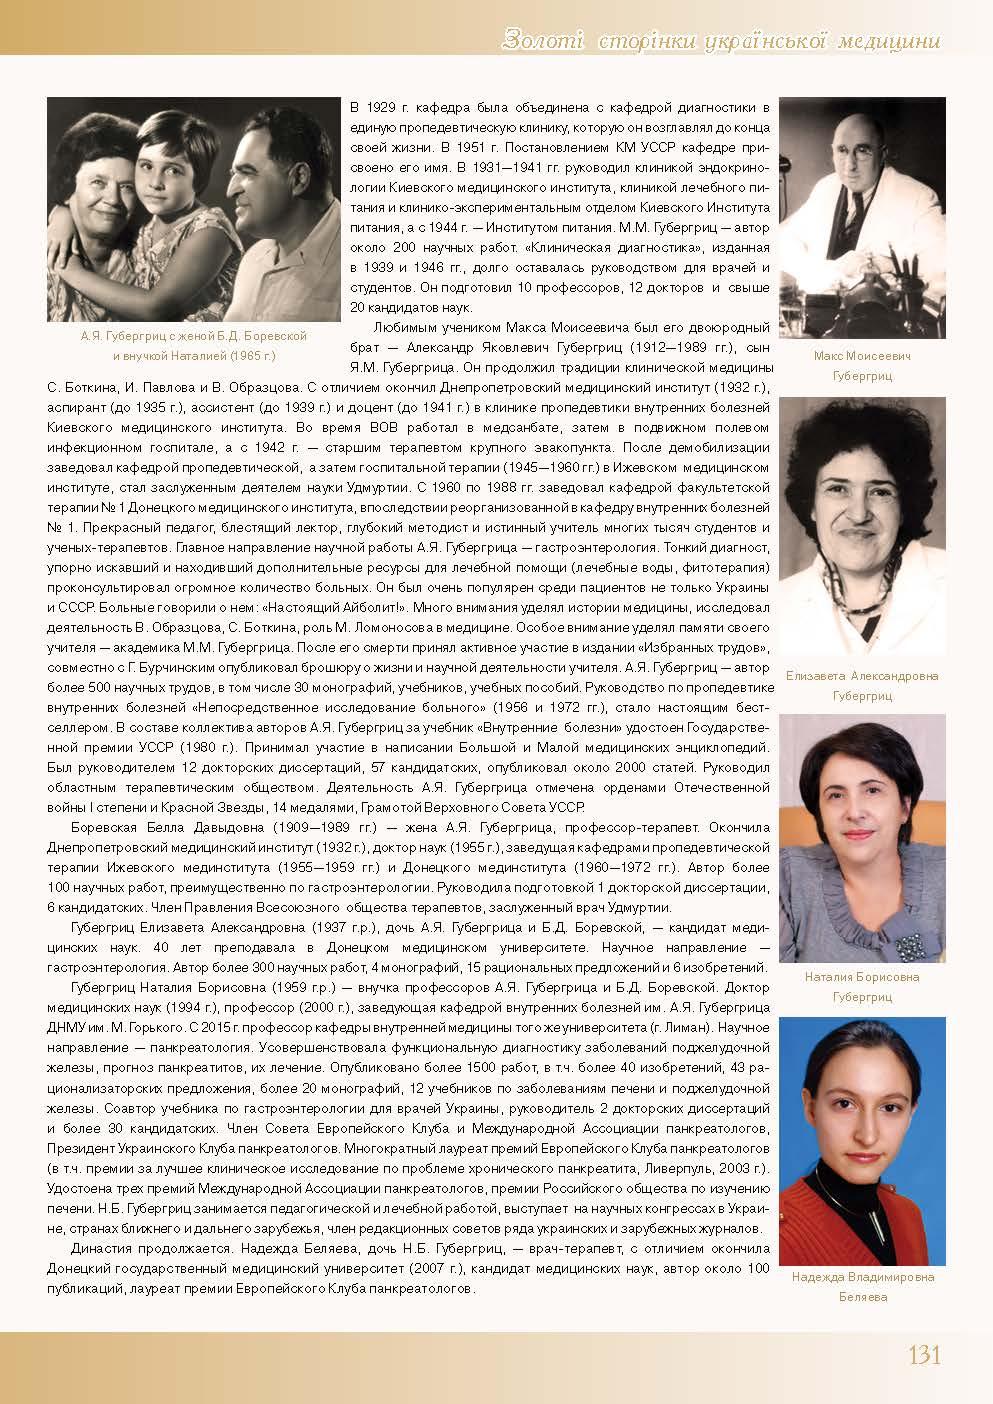 Медицинская династия Шабад-Губергриц